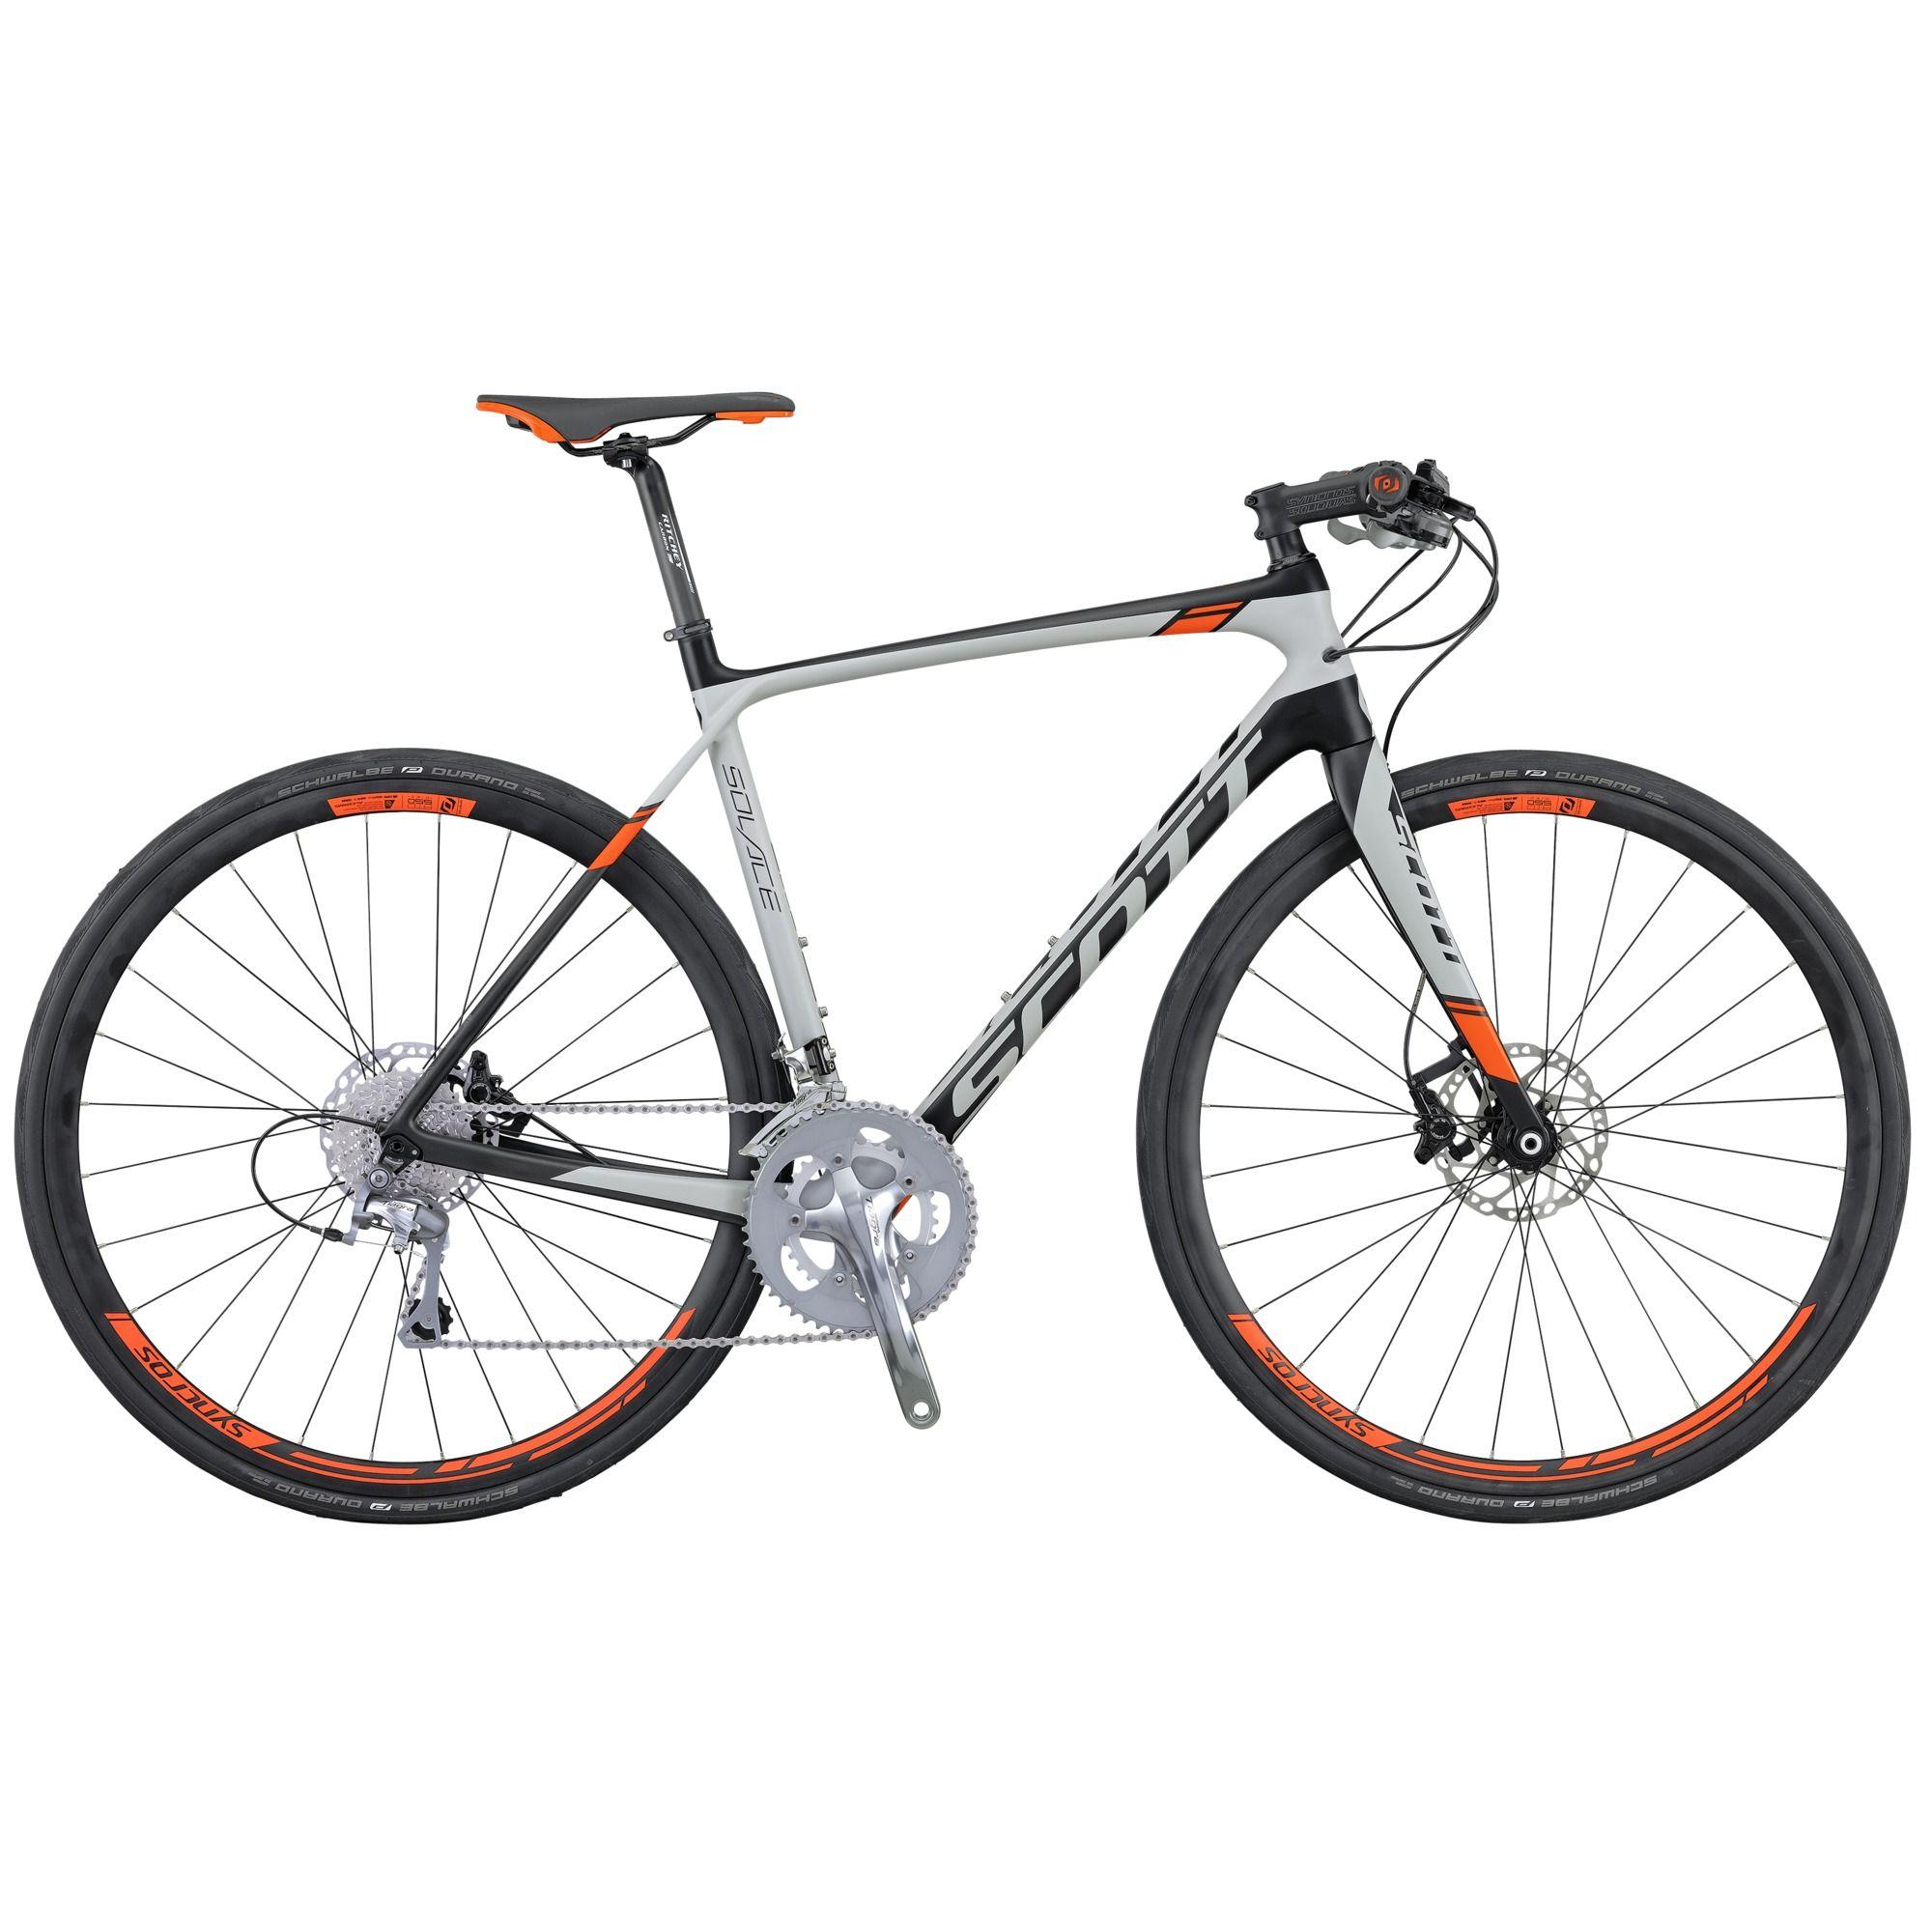 Велосипед ScottШоссейные<br><br><br>year: 2016<br>пол: мужской<br>уровень оборудования: продвинутый<br>рулевая колонка: Ritchey PRO Int. Cartridge<br>вынос: Syncros FL2.0 1 1/8 / four Bolt 31.8 мм<br>руль: Flatbar FL2.0, ширина 580 мм<br>передний тормоз: Shimano BR M615, SM-RT64 Rotor, диаметр ротора 160 мм<br>задний тормоз: Shimano BR M615, SM-RT64 Rotor, диаметр ротора 160 мм<br>цепь: KMC X10<br>система: Shimano Tiagra FC-4700, Compact Hyperdrive, 50x34T<br>каретка: Shimano BB-RS500-PB<br>ободья: Syncros Road Disc, 28H<br>передняя втулка: Formula Team Disc, 28H<br>задняя втулка: Formula Team Disc, 28H<br>спицы: 14G Stainless, 2 мм<br>передняя покрышка: Schwalbe Durano, 700 x 28C<br>задняя покрышка: Schwalbe Durano, 700 x 28C<br>седло: Syncros FL2.5<br>подседельный штырь: Syncros Carbon RR1.2, 27.2 х 35 мм<br>кассета: Shimano CS-HG500 11-32 T, 10 скоростей<br>манетки: Shimano Tiagra SL-4700<br>вес: 8.88 кг<br>рама: Solace HMF / IMP Carbon technology / Road Comfort geometry / INT BB<br>вилка: Solace HMF Flatmount Disc 1 1/8 Carbon steerer, Alloy Dropout<br>цвет: серый<br>размер рамы: 20.5&amp;amp;quot;<br>материал рамы: карбон<br>тип тормозов: дисковый гидравлический<br>передний переключатель: Shimano Tiagra FD-4700<br>задний переключатель: Shimano Tiagra Black RD-4700-GS<br>количество скоростей: 20